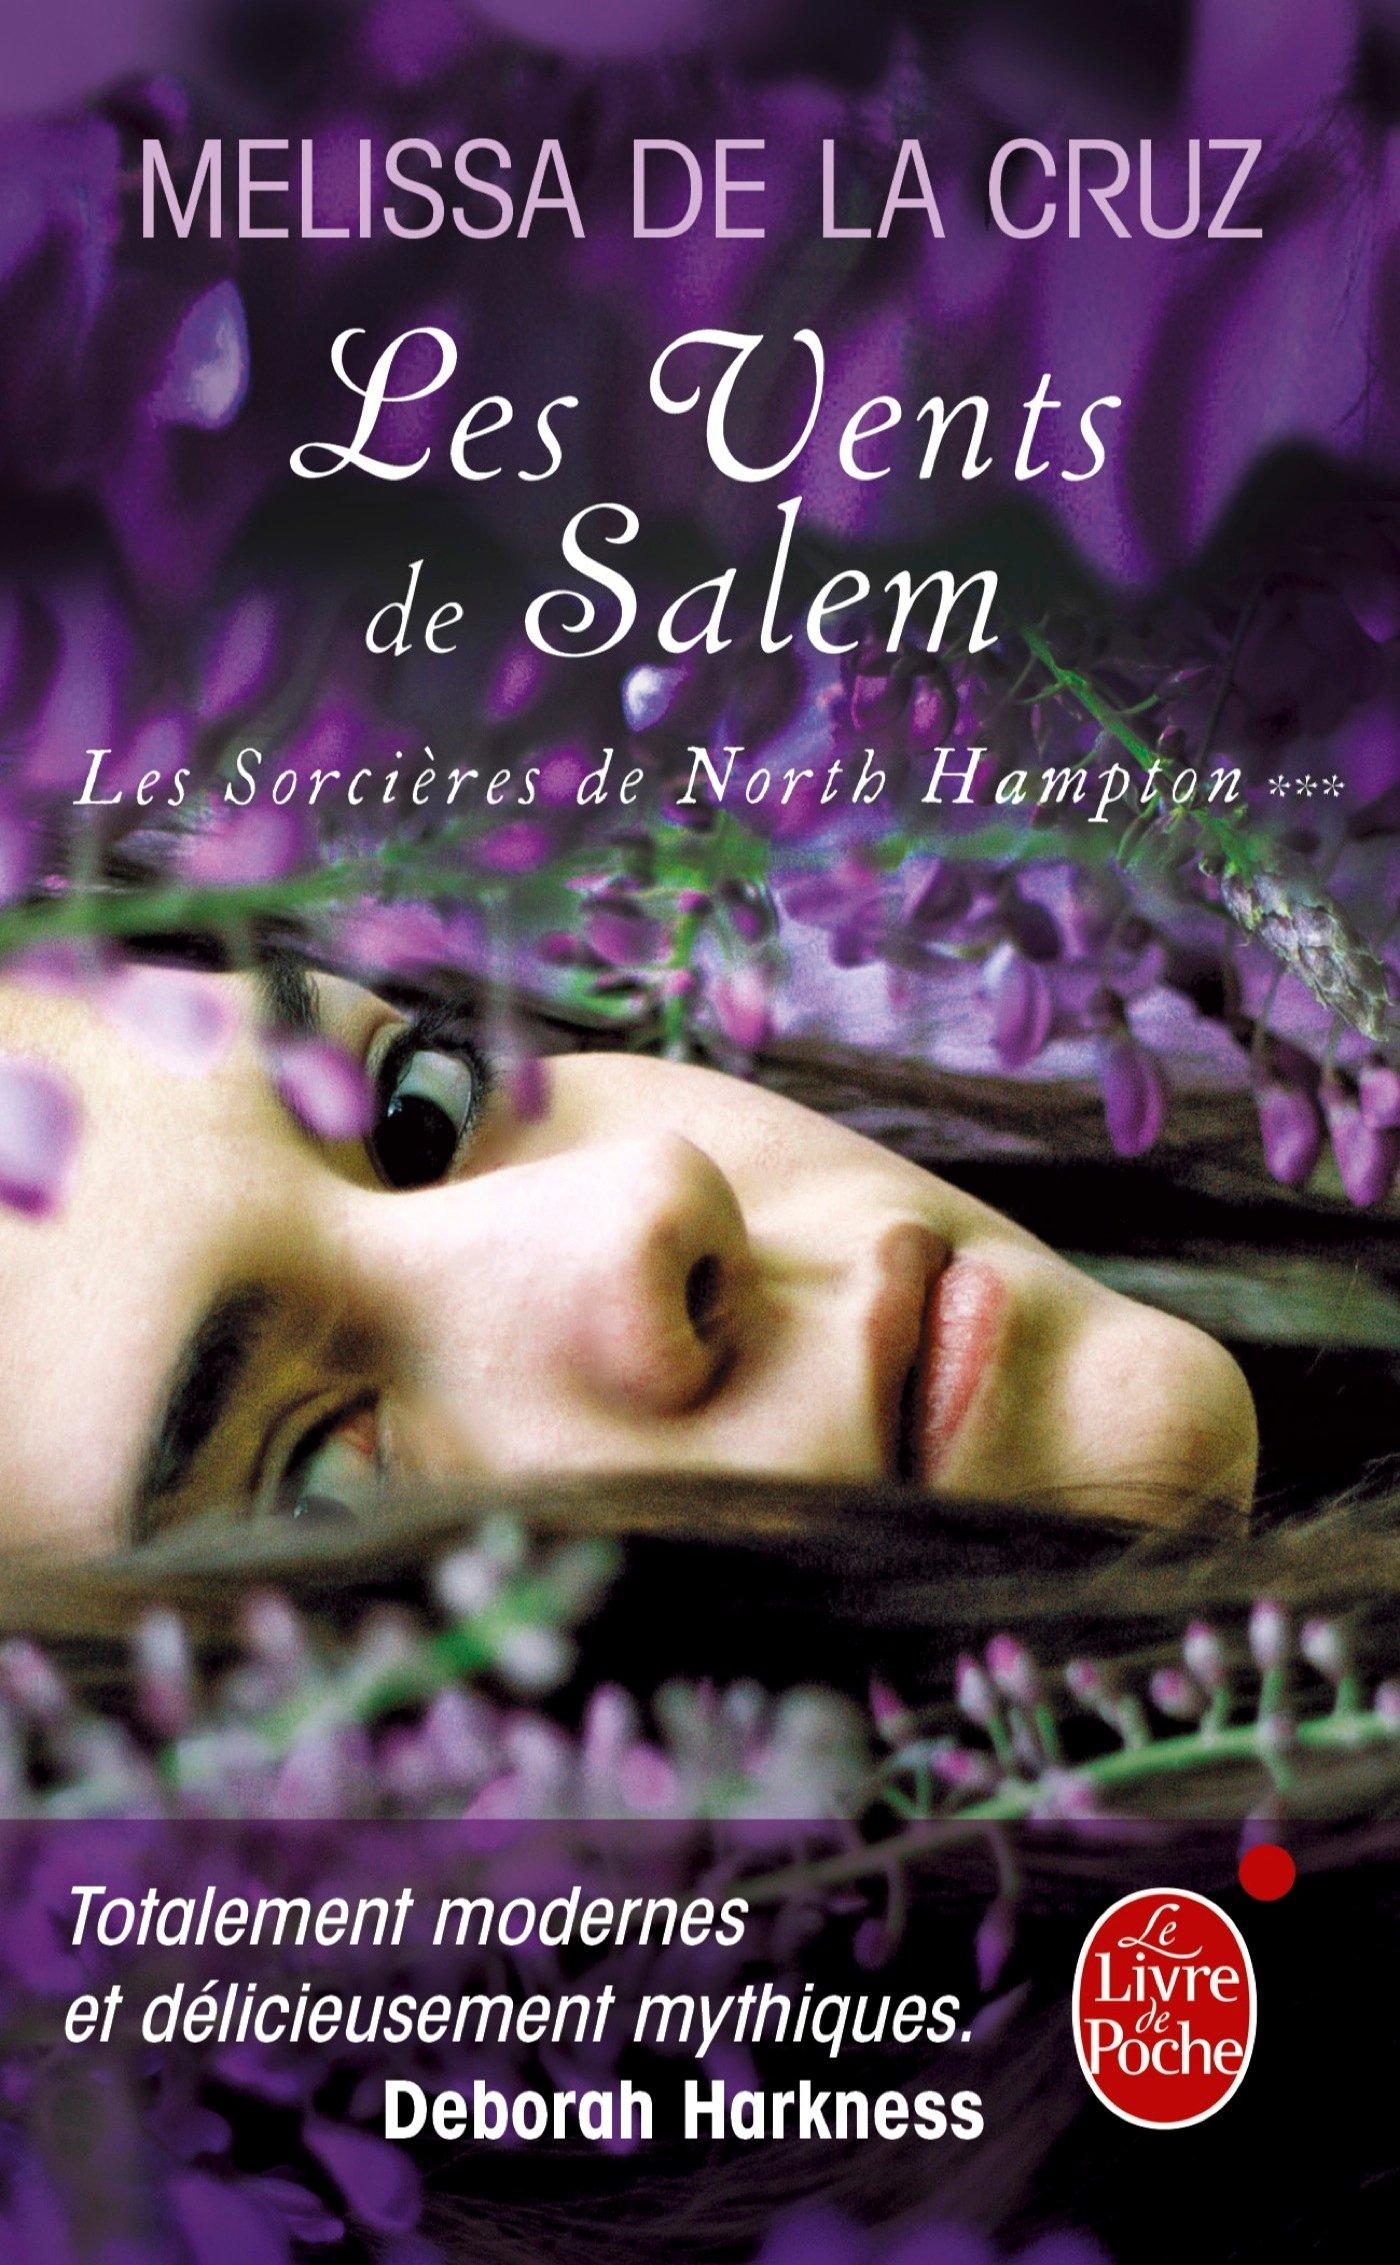 Les sorcières de North Hampton tome 3 : Les vents de Salem 81cIviJnHYL